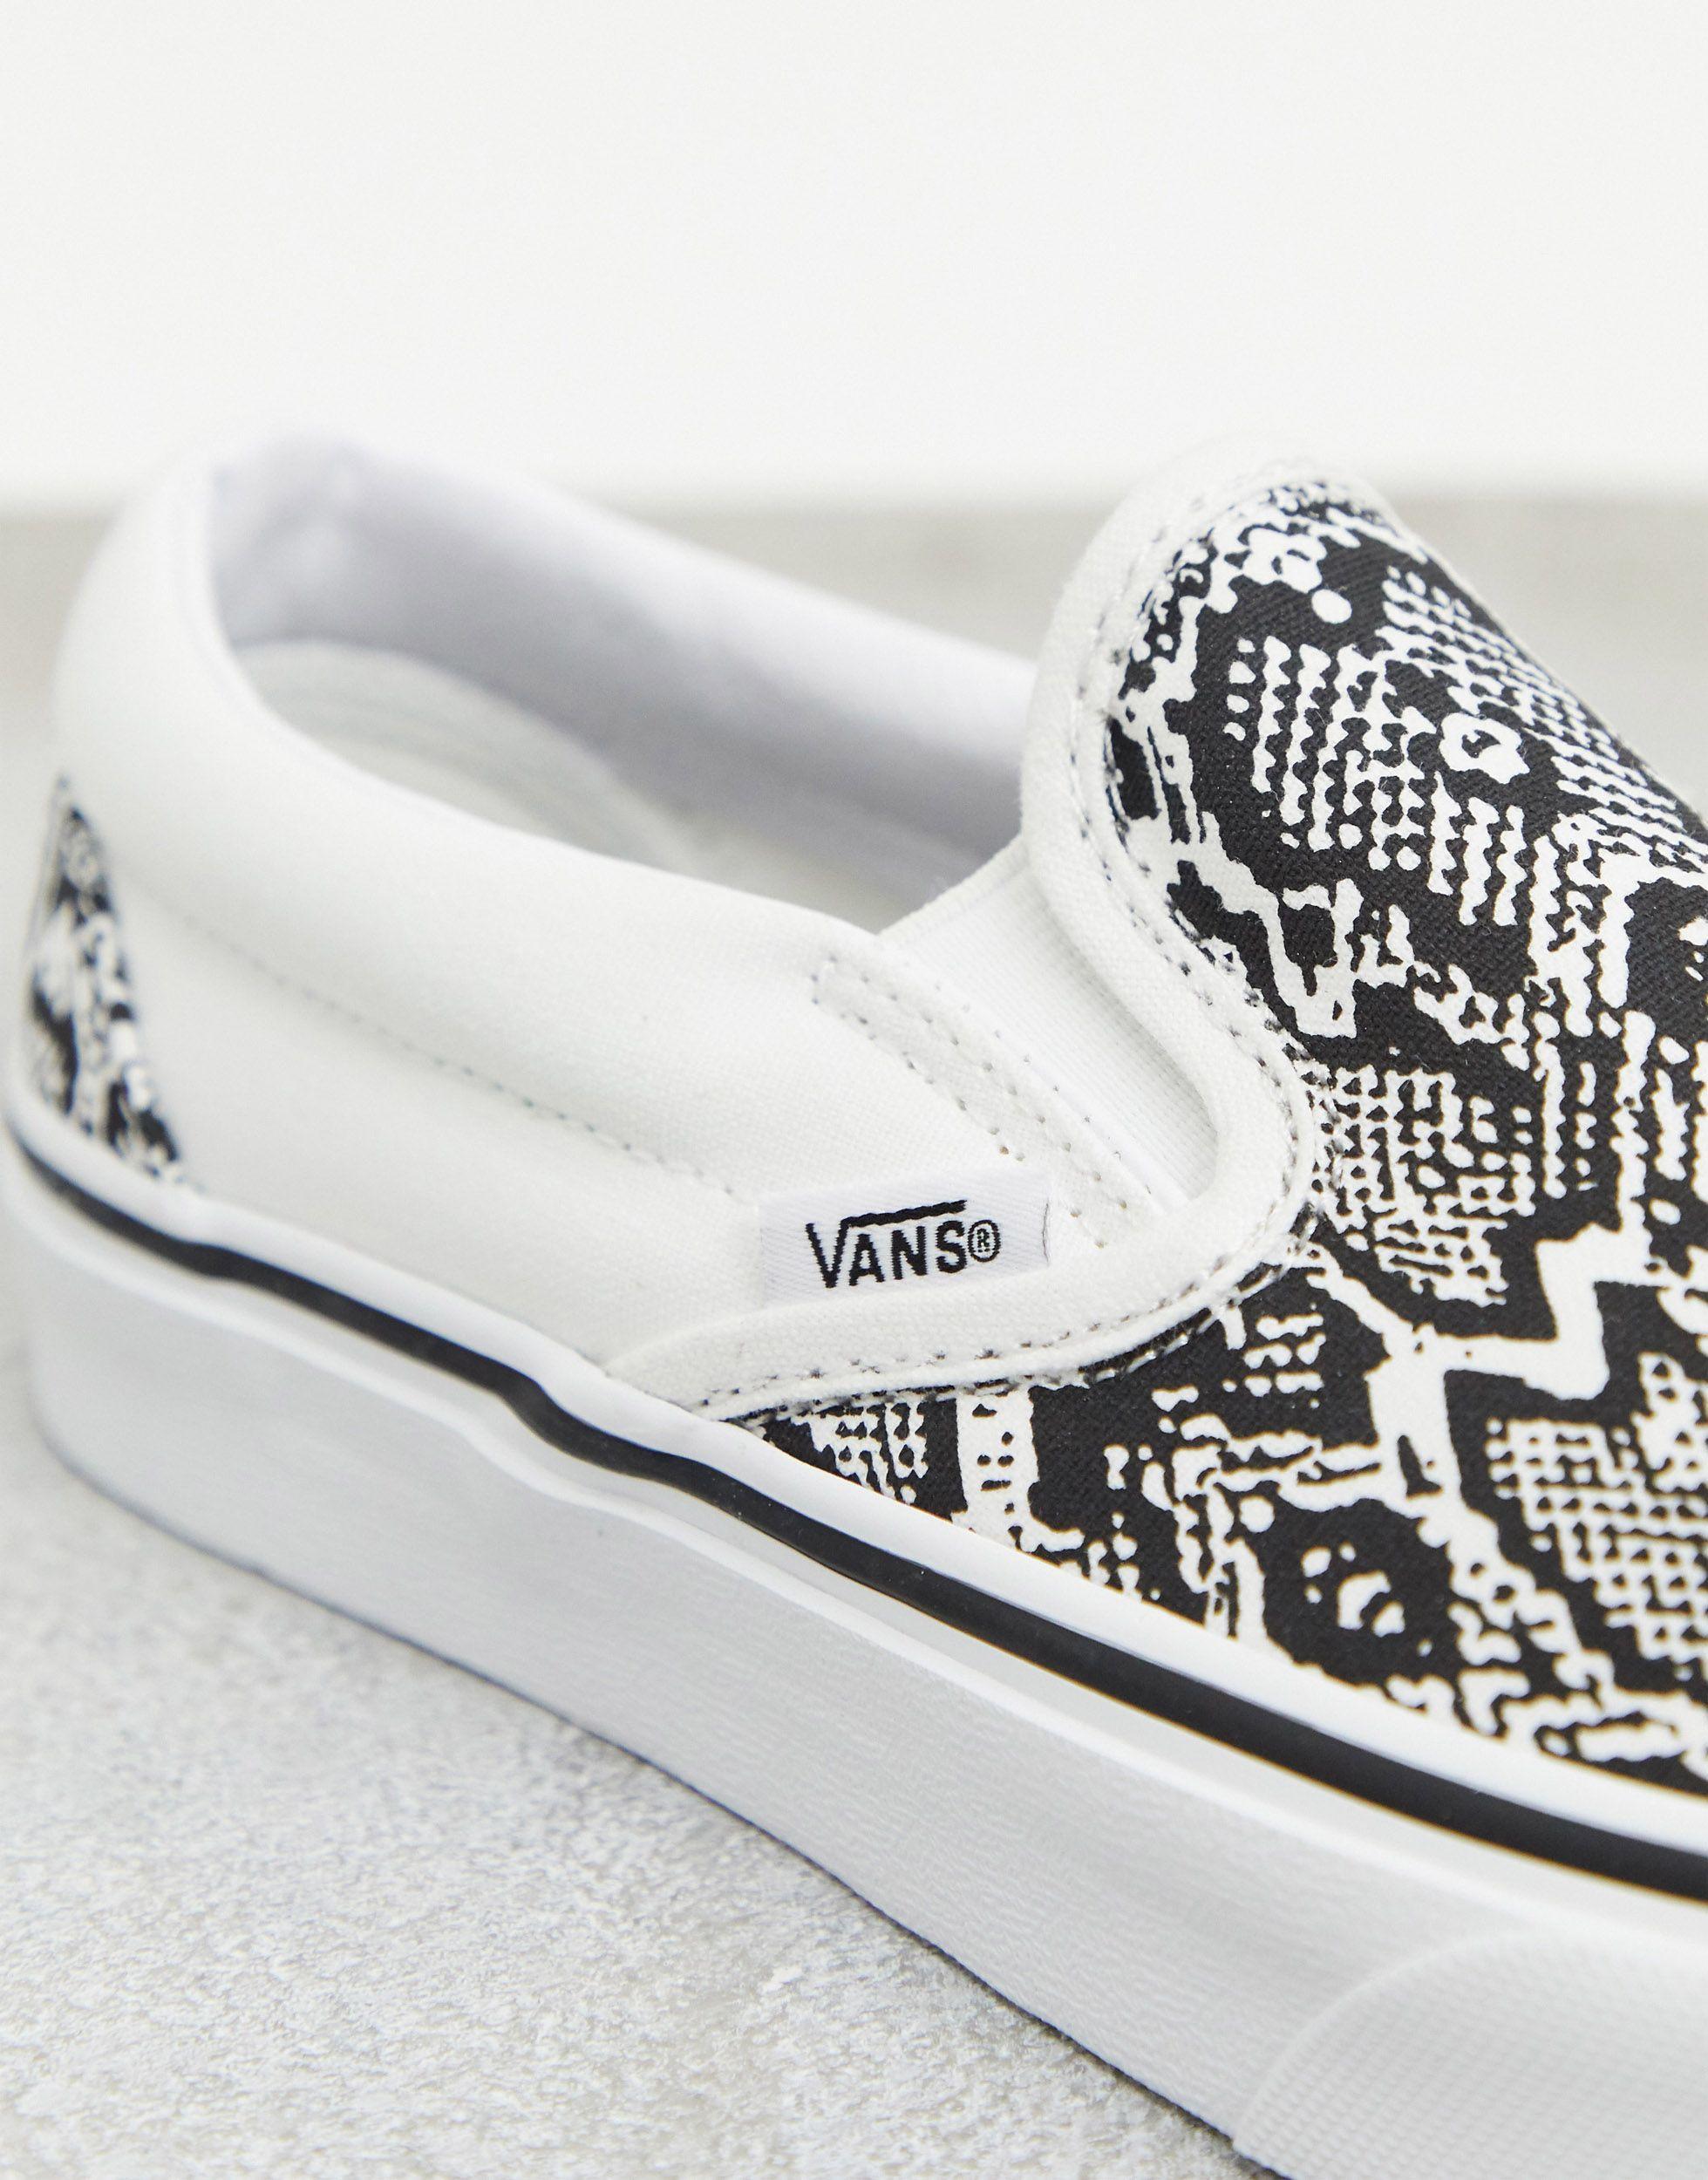 Vans Classic Slip-on Snake Print